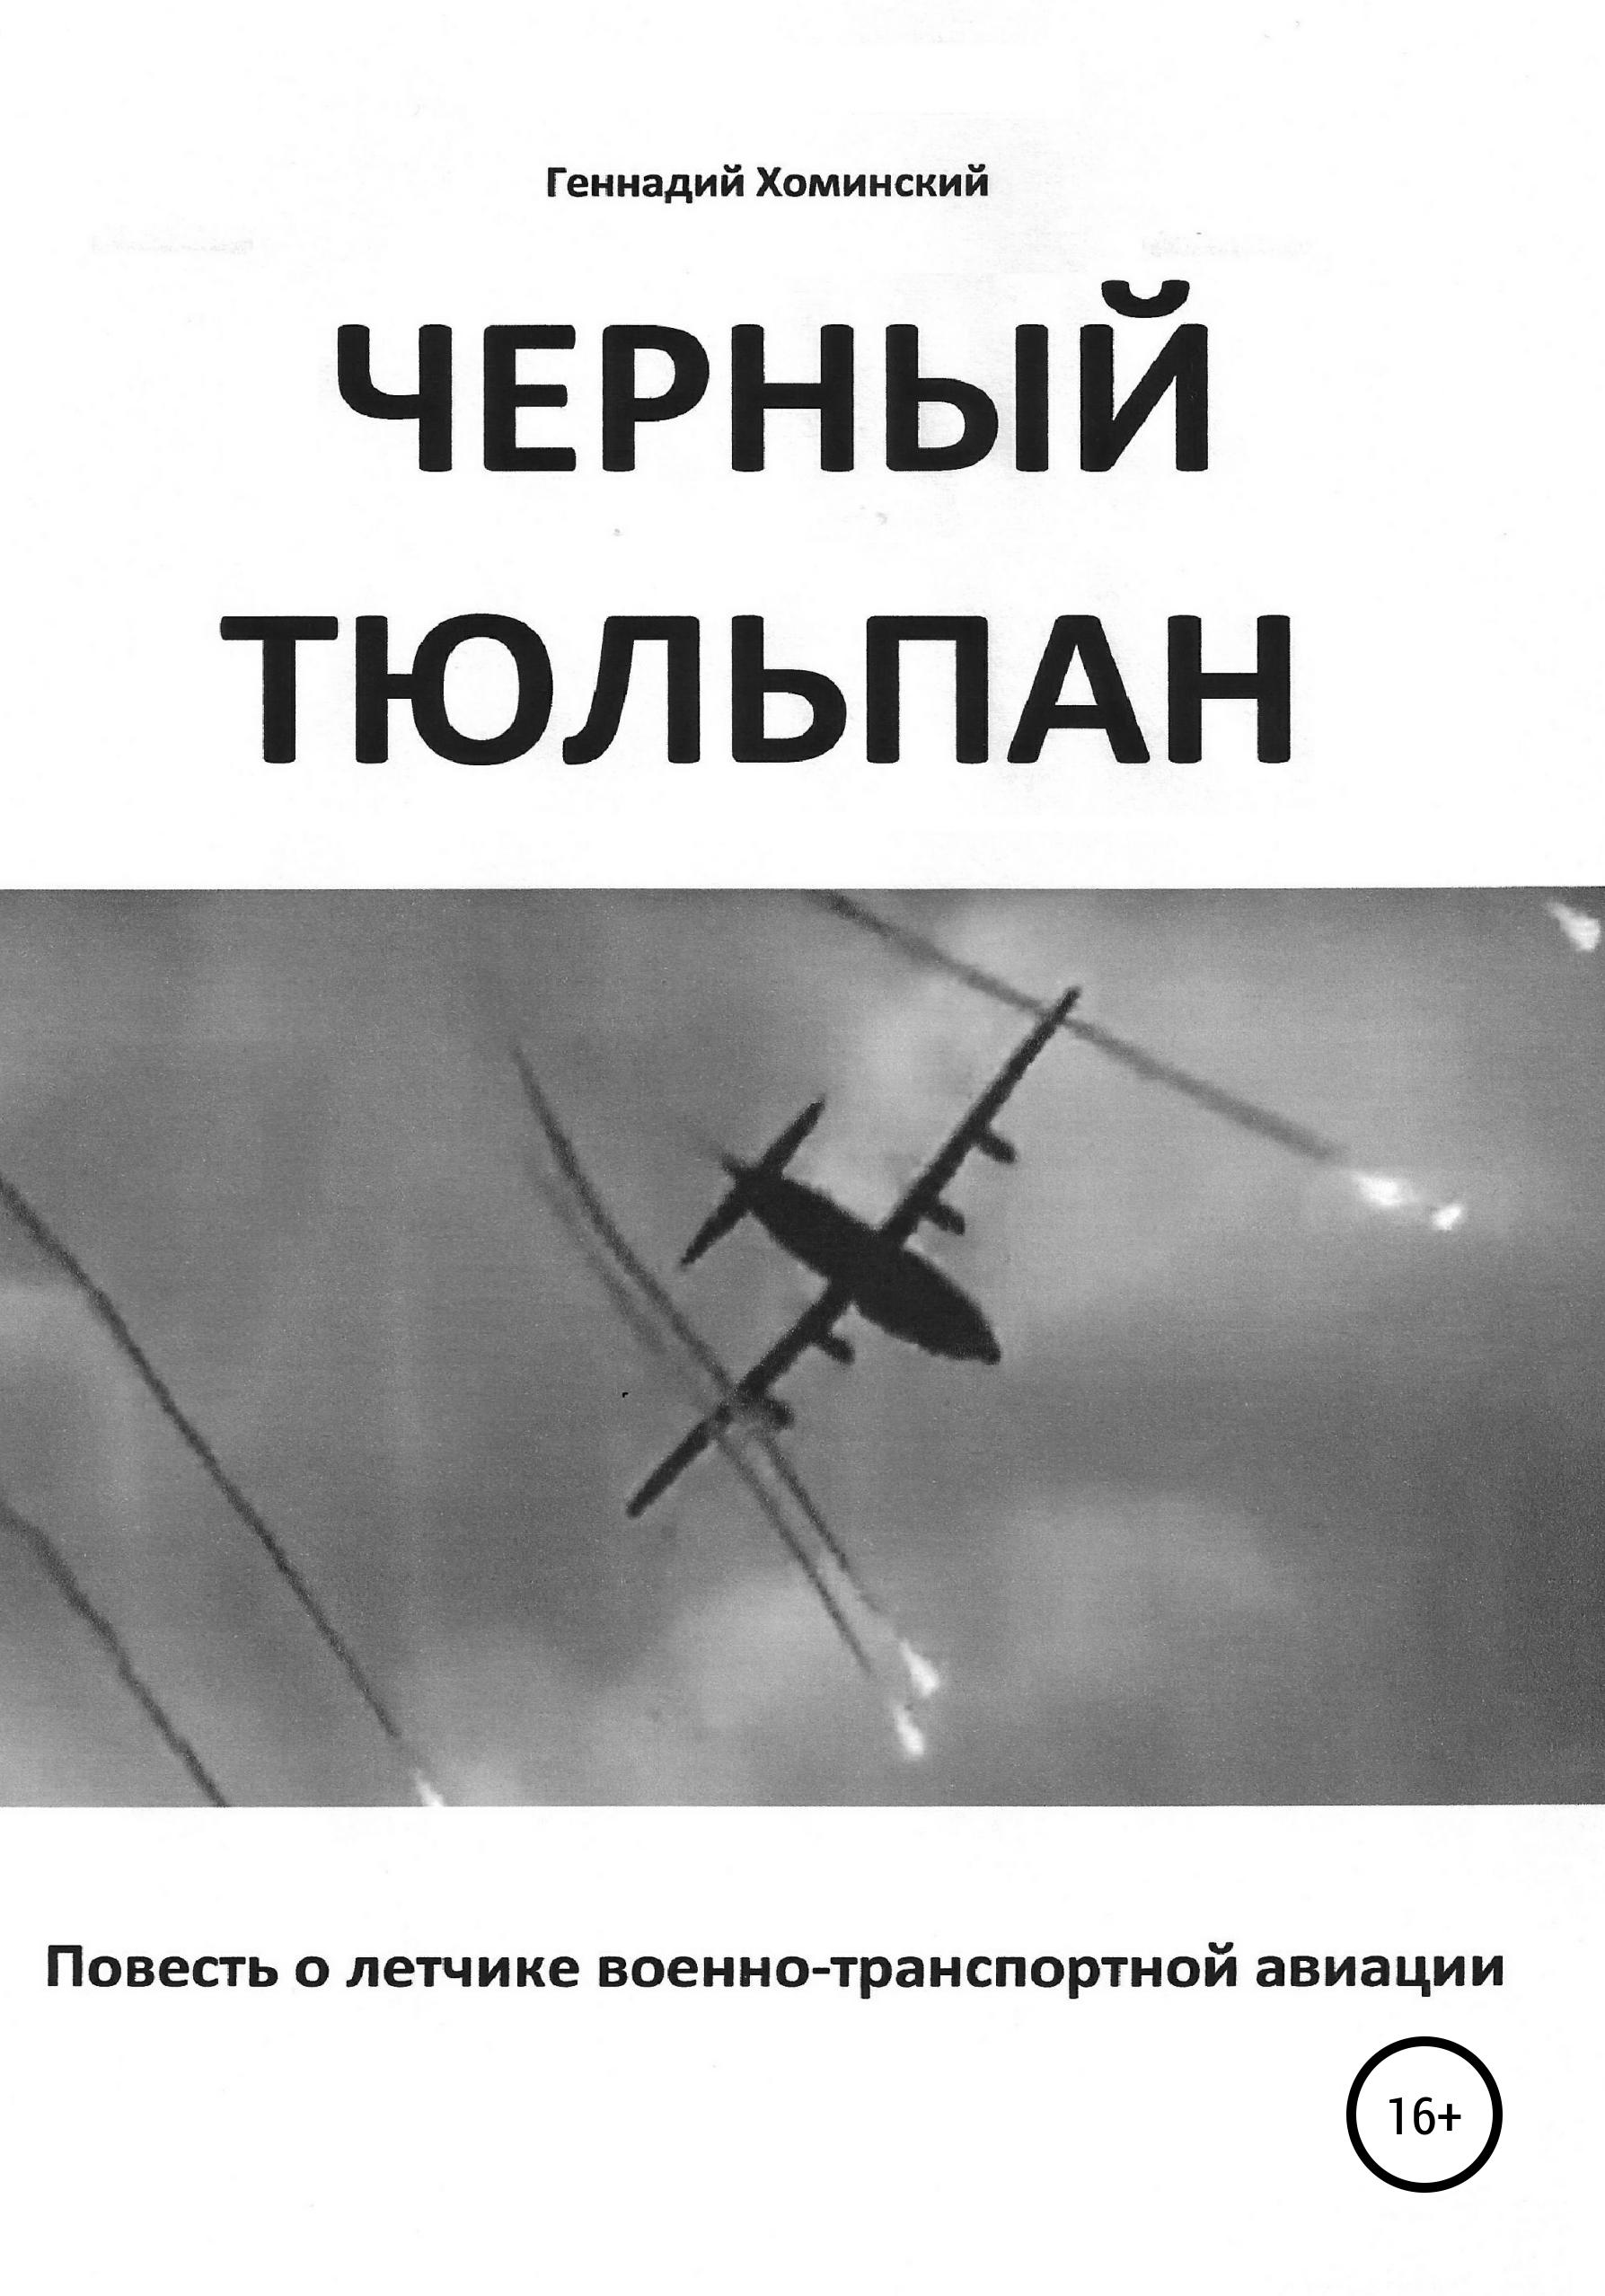 «Черный тюльпан». Повесть о лётчике военно-транспортной авиации